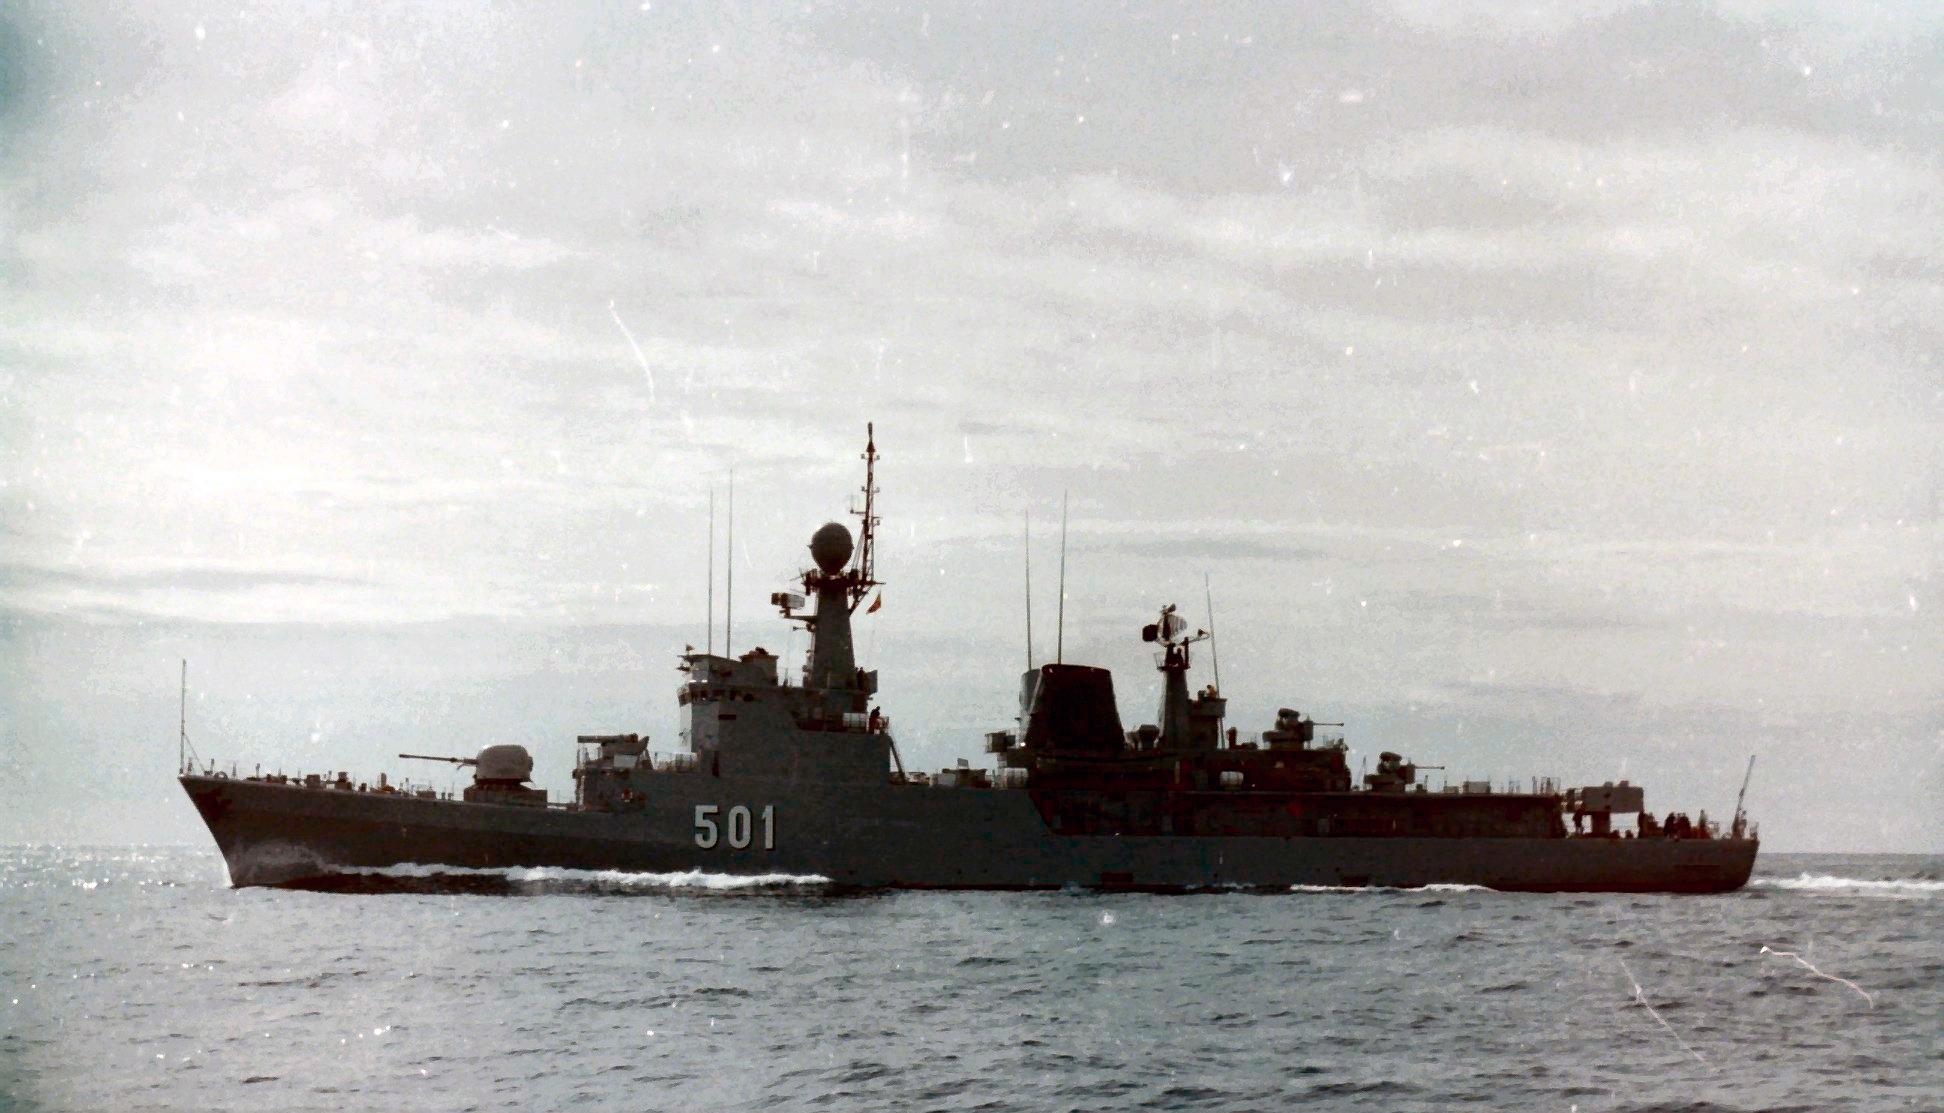 Royal Moroccan Navy Descubierta Frigate / Corvette Lt Cl Errahmani - Bâtiment École - Page 4 Clipb513